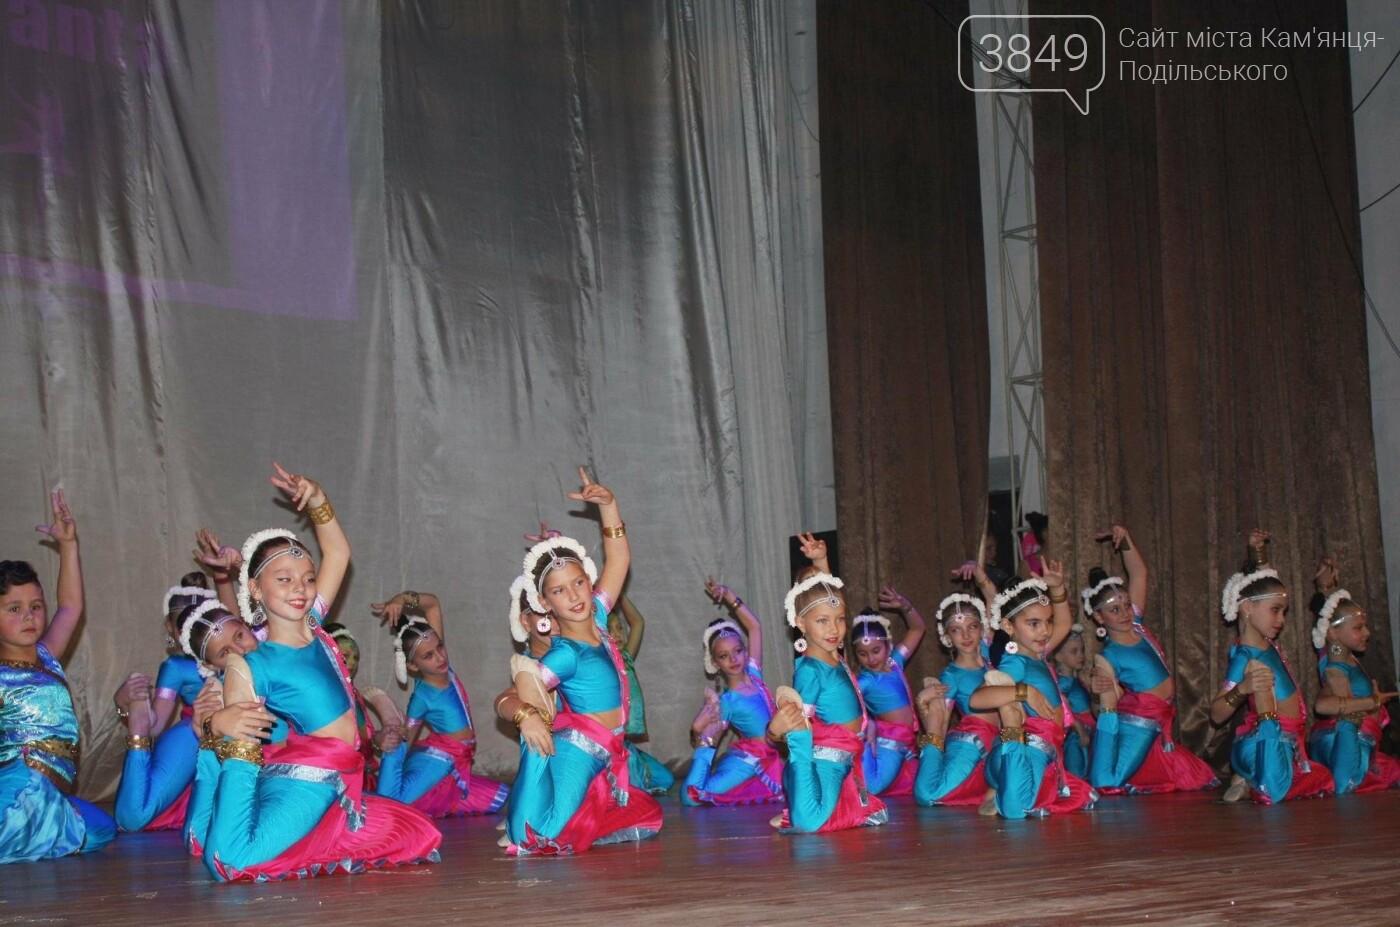 «Краса має своє ім'я». Хореографічна студія «Adjanta» святкує 10-річчя, фото-10